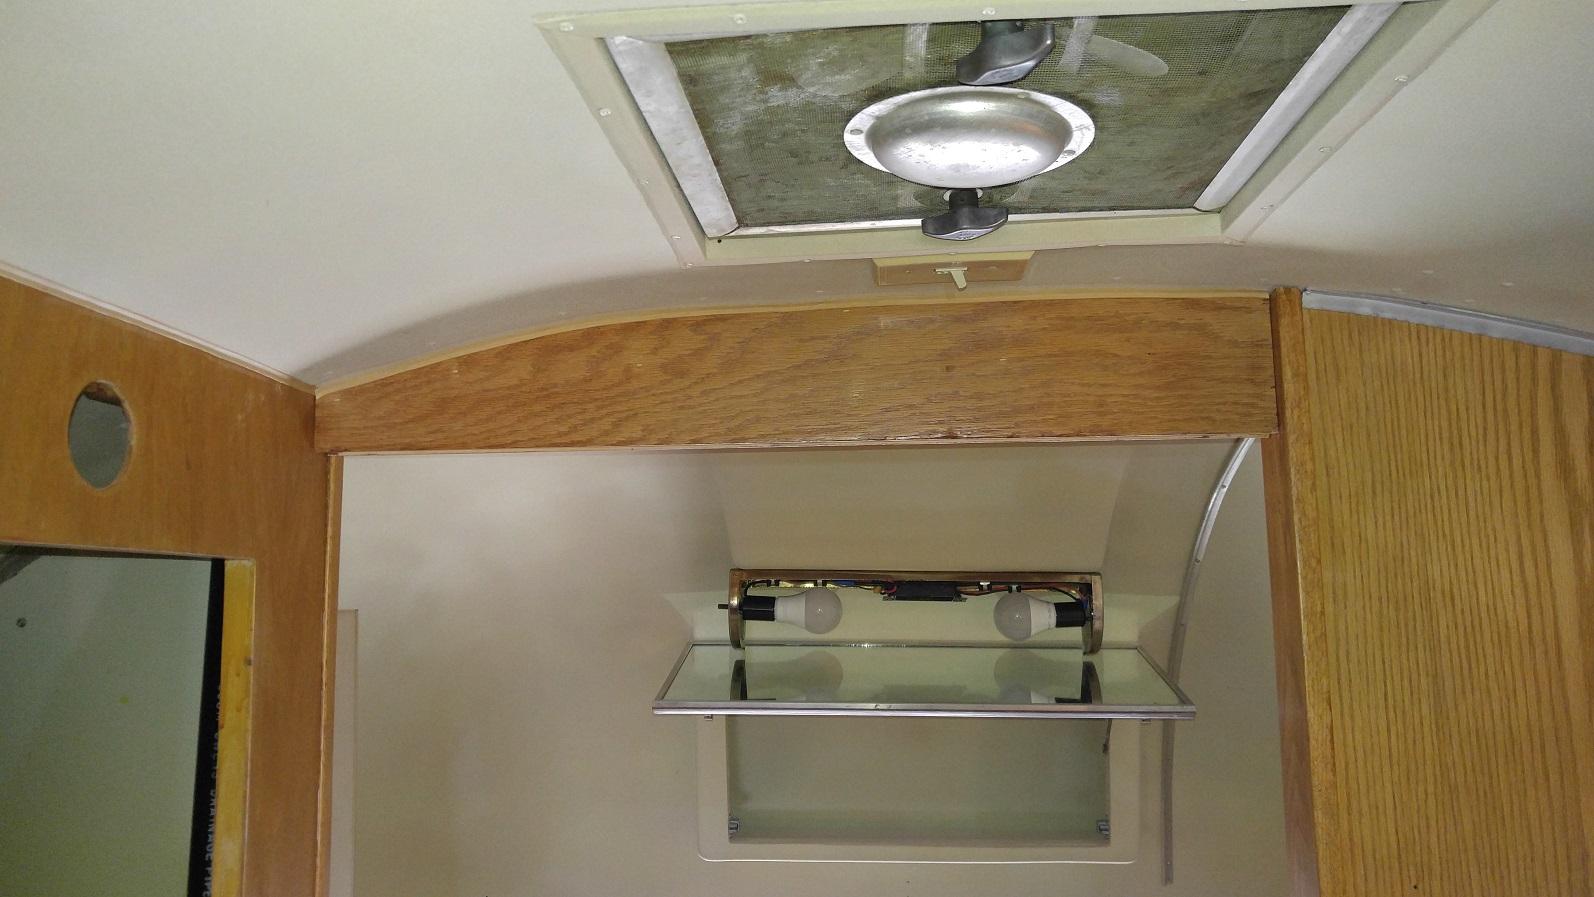 Click image for larger version  Name:Bath Door Header - Bedroom Side.jpg Views:35 Size:361.3 KB ID:322559